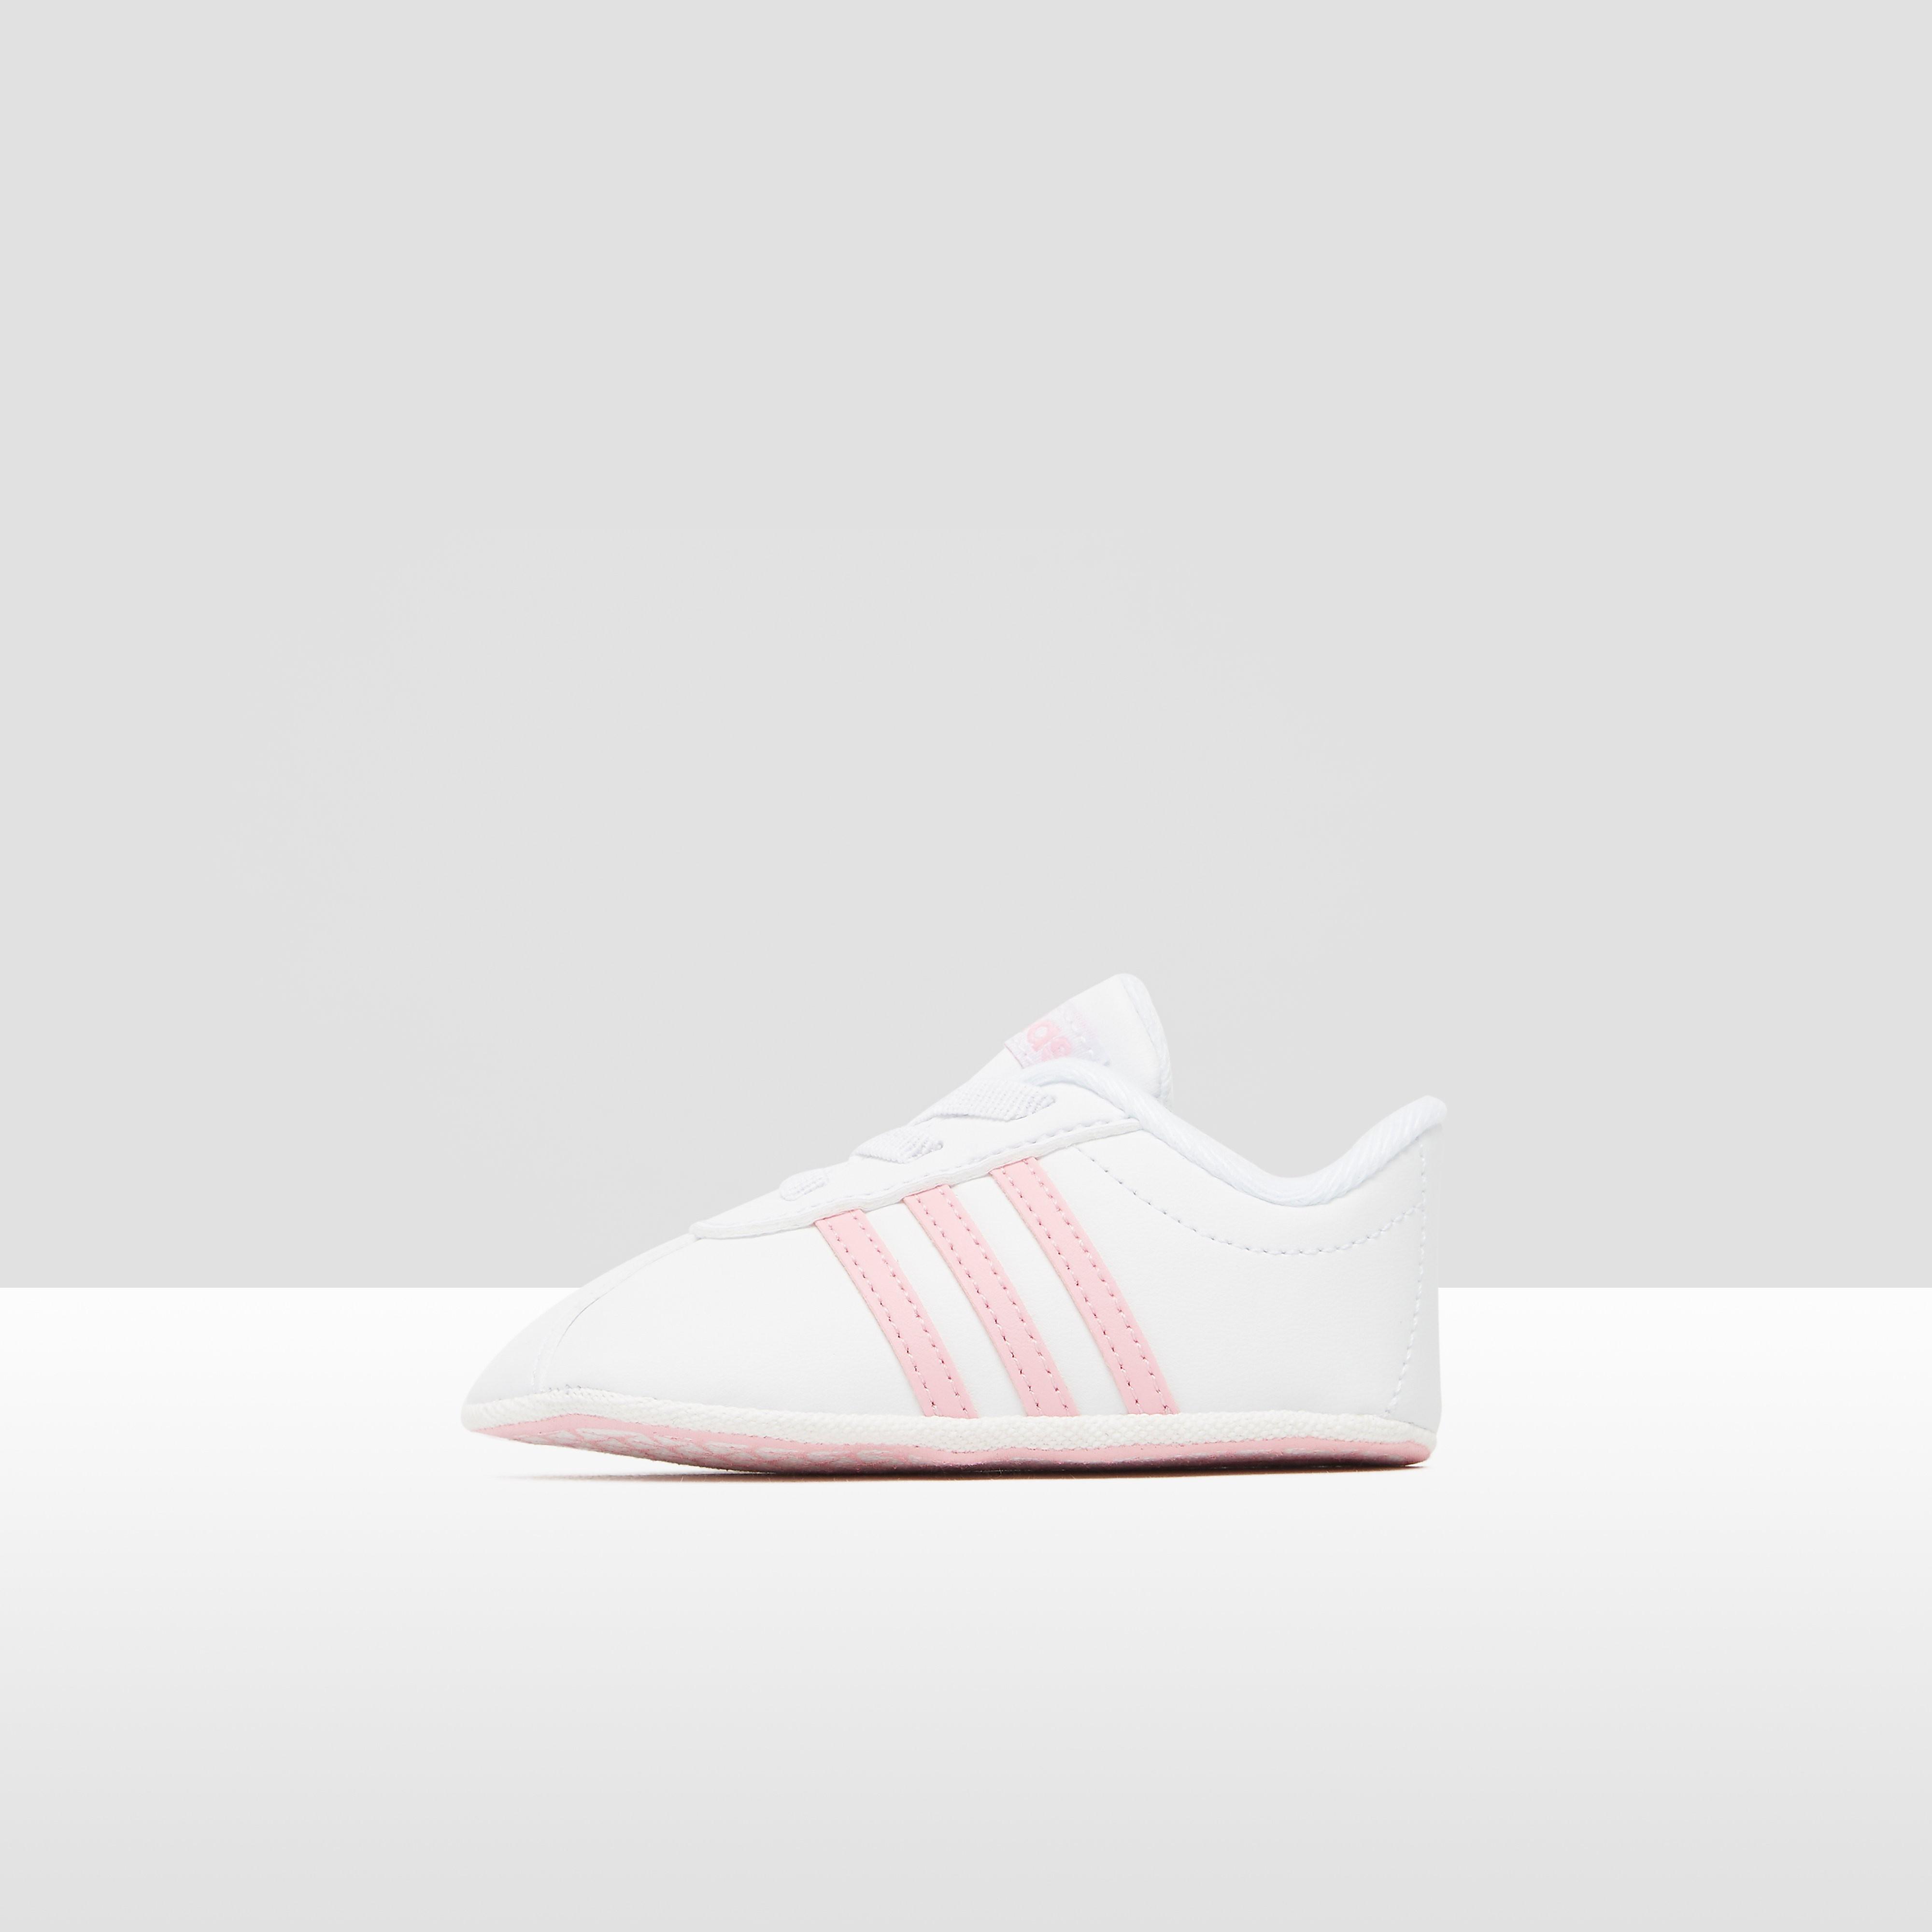 Adidas Vl court 2.0 crib sneakers witroze baby Kinderen